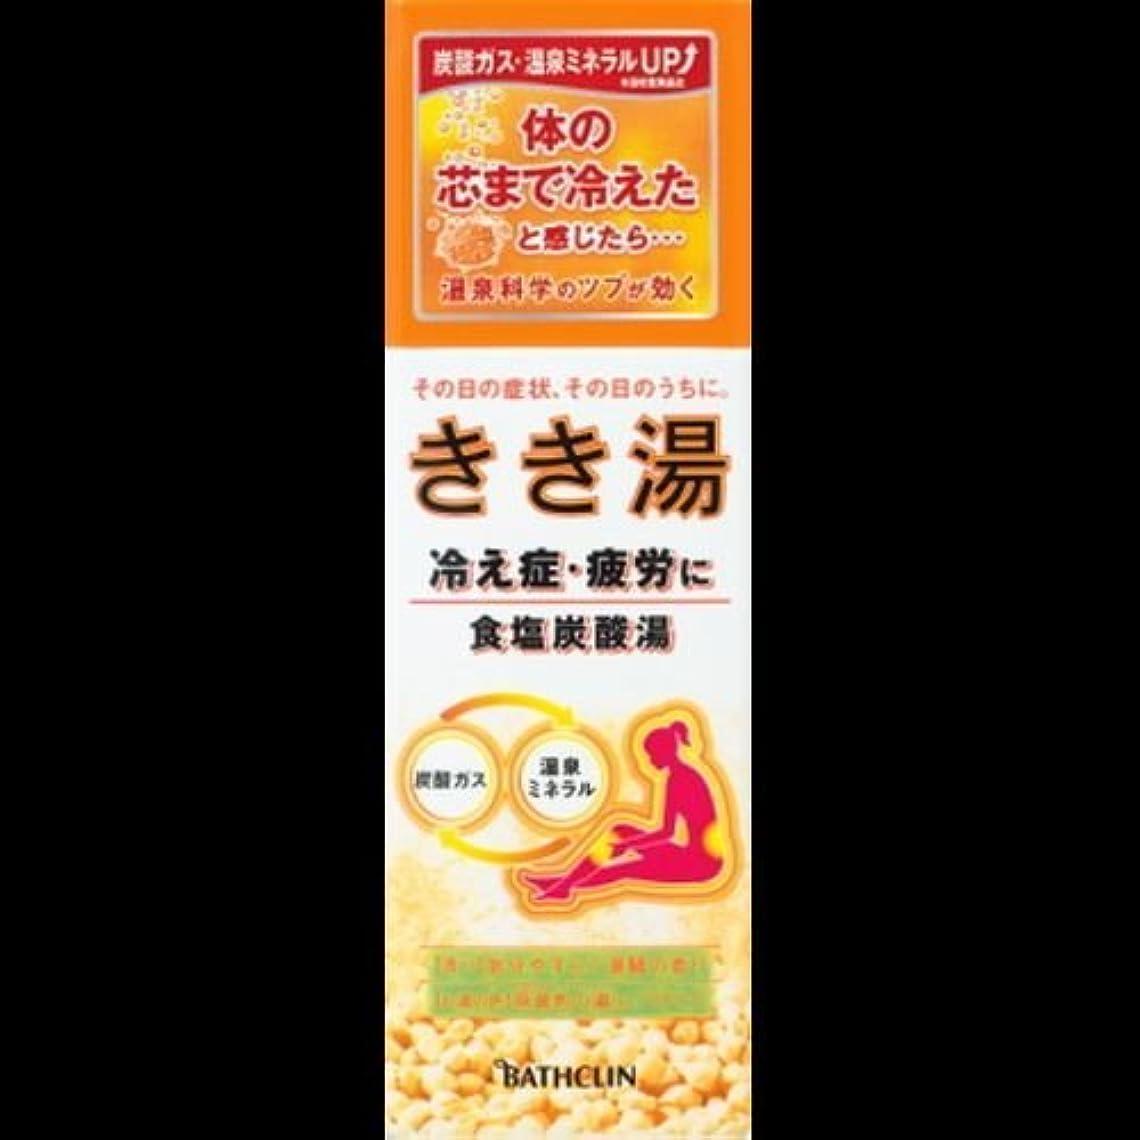 構想するカテゴリー鯨【まとめ買い】きき湯 食塩炭酸湯 気分やすらぐ潮騒の香り萌黄色の湯(にごりタイプ) 360g ×2セット